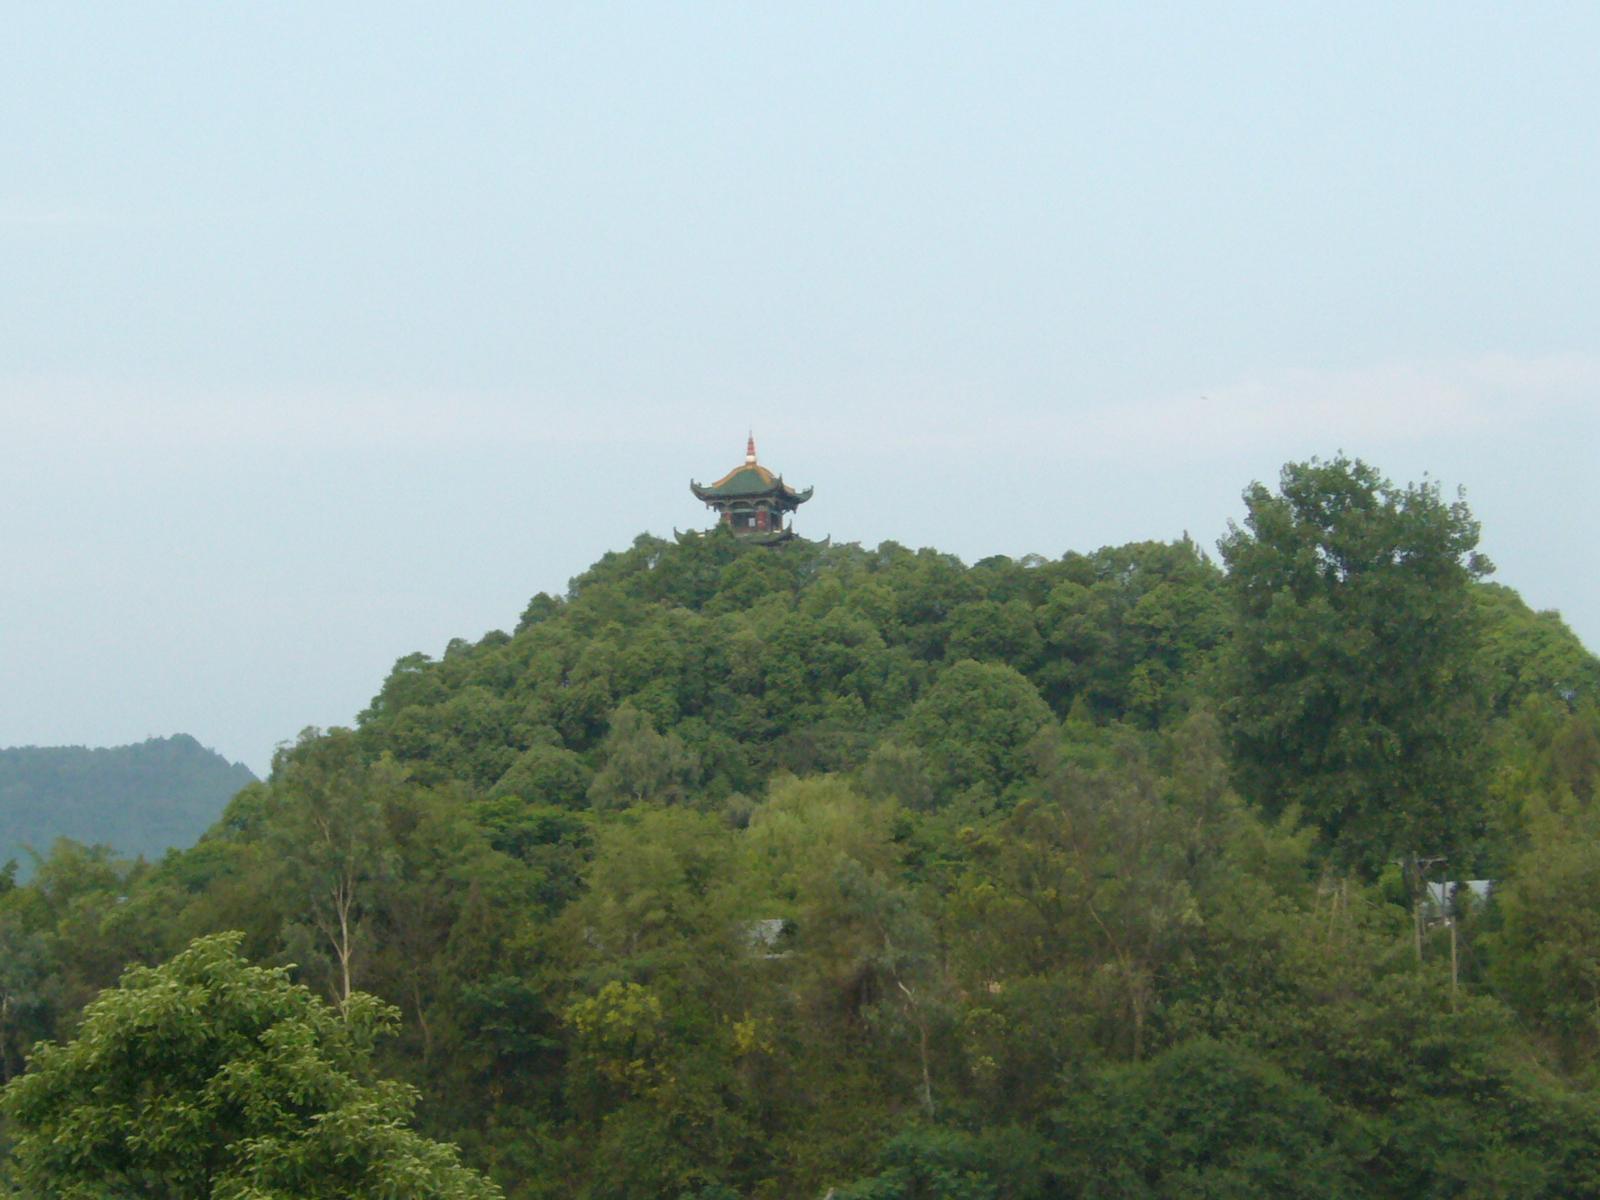 04月16日阆中天气预报:多云 气温: 18℃~28℃